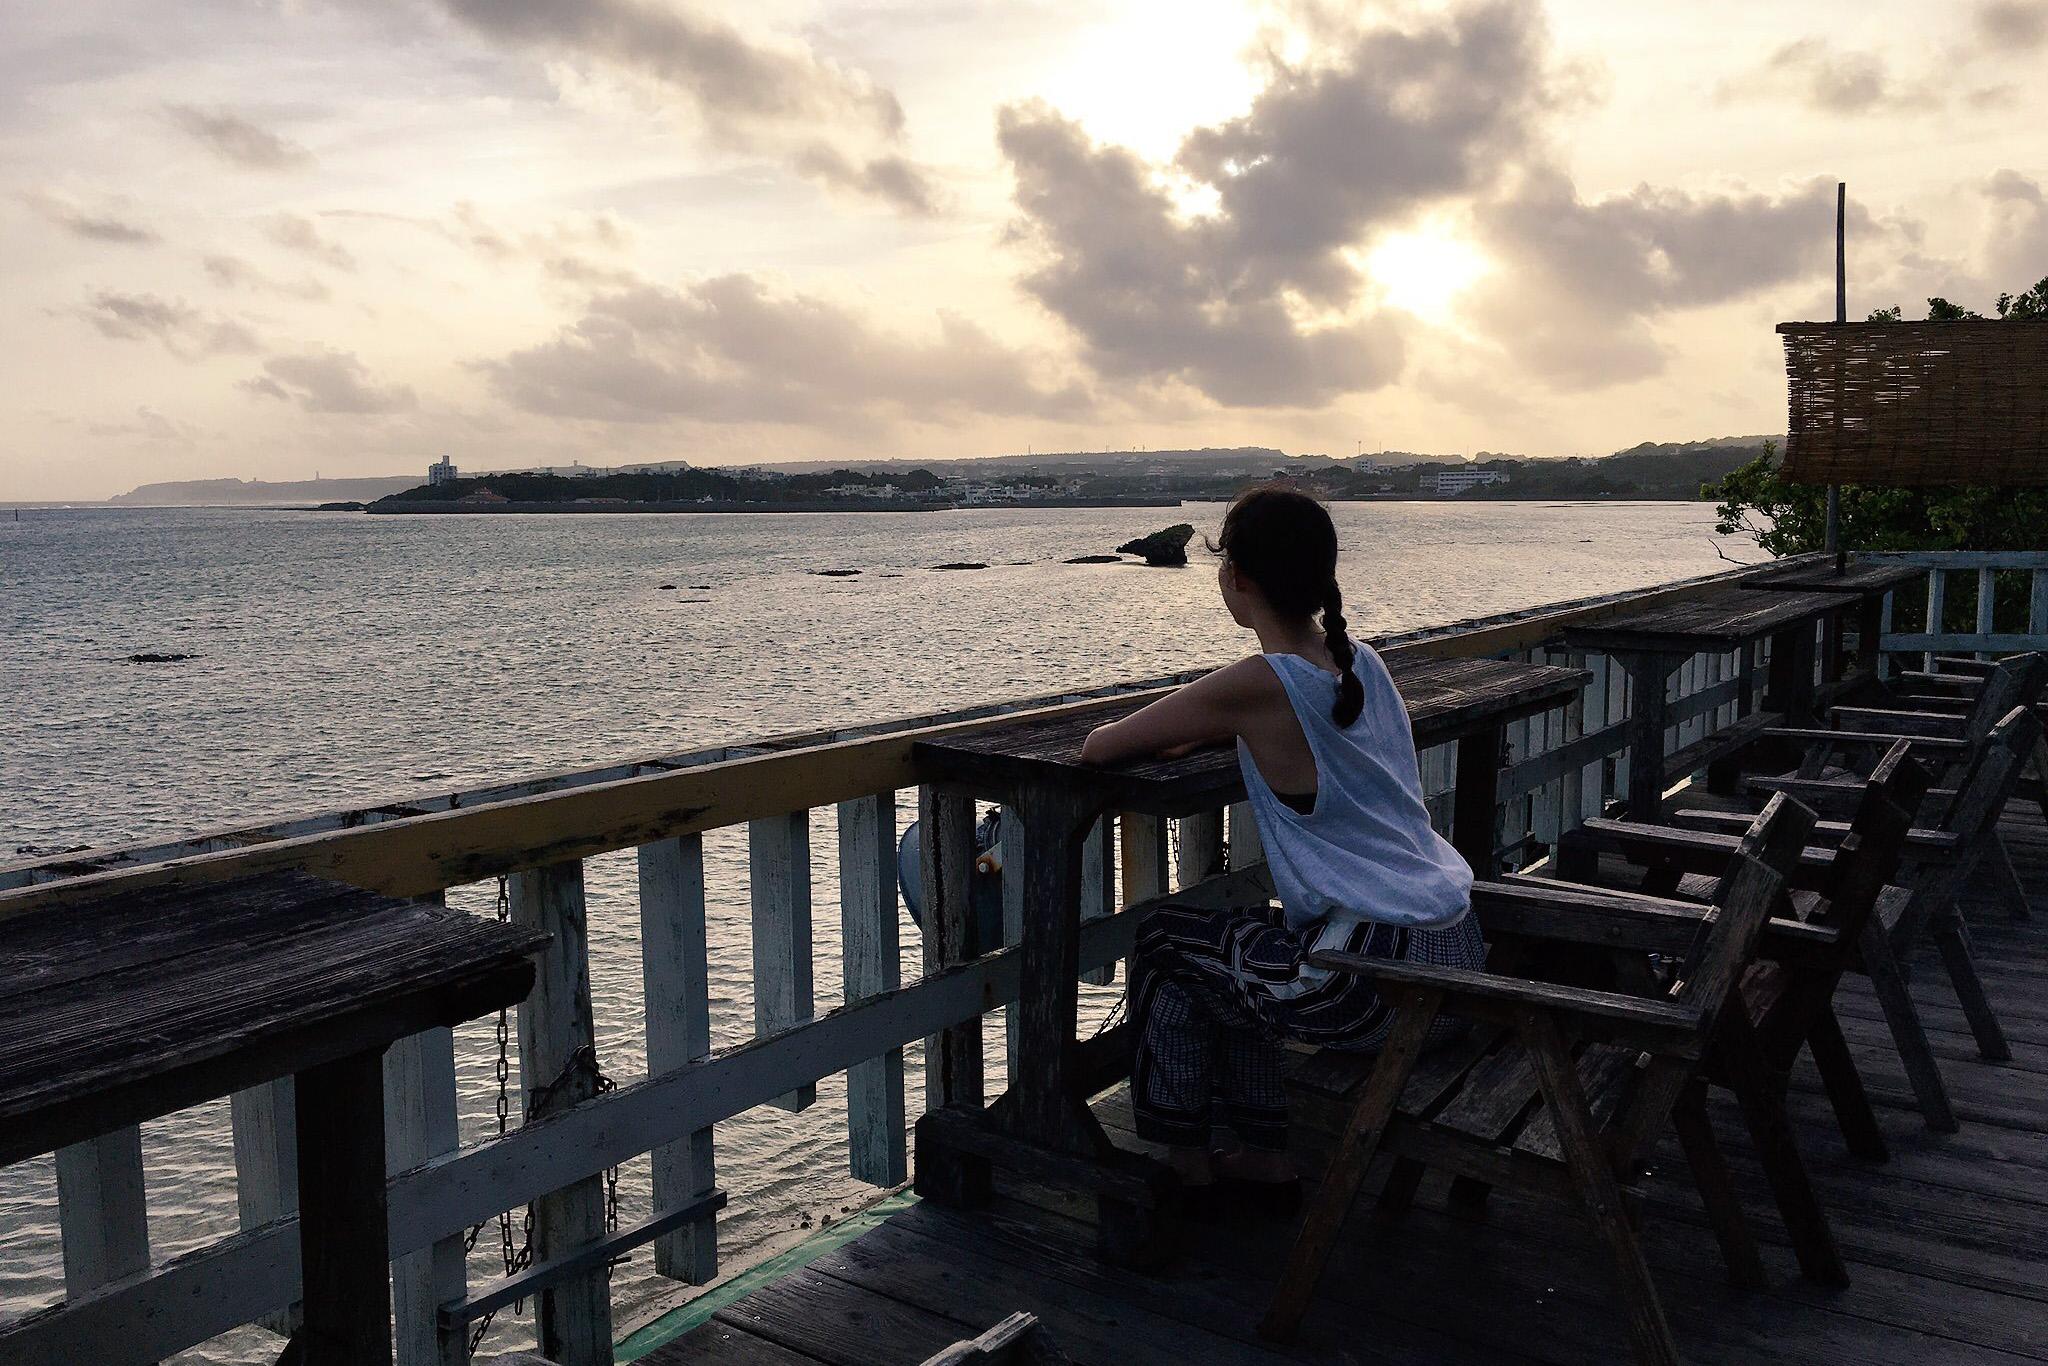 屋上のテラス席で沖縄のサンセットを独り占め。